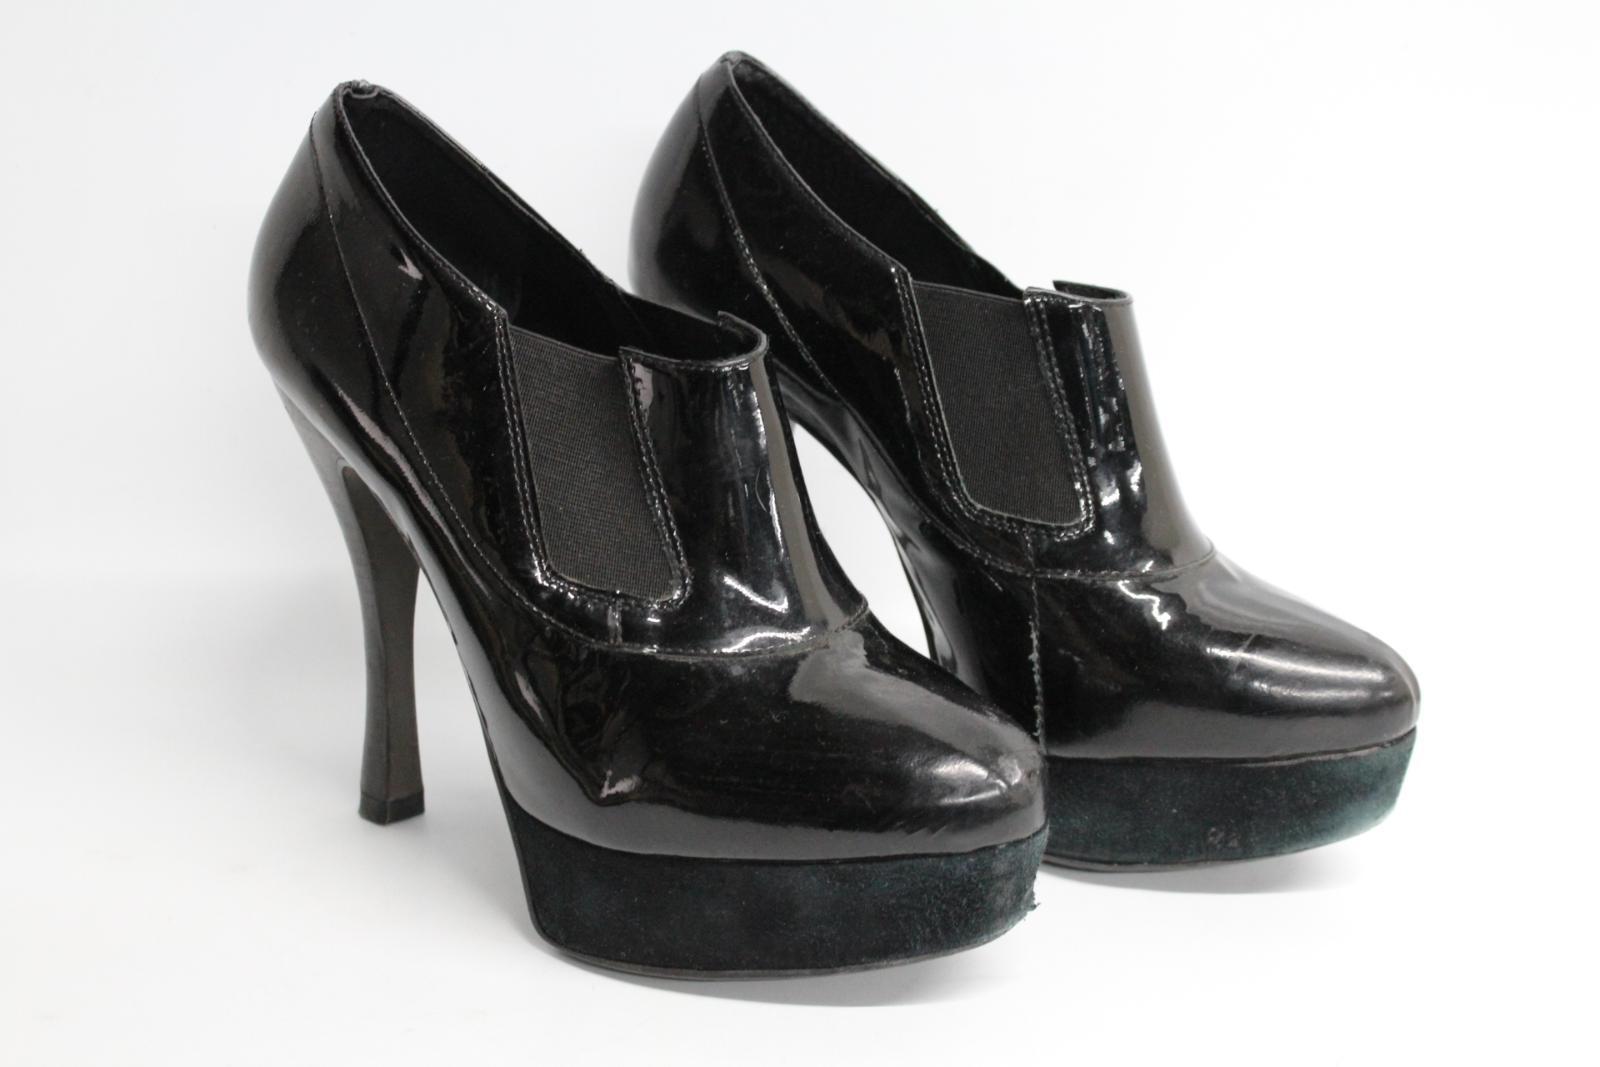 Carvela-Damas-De-Cuero-Negro-Resbalon-en-Zapatos-Tacon-Stiletto-botas-talla-UK7-EU40 miniatura 2